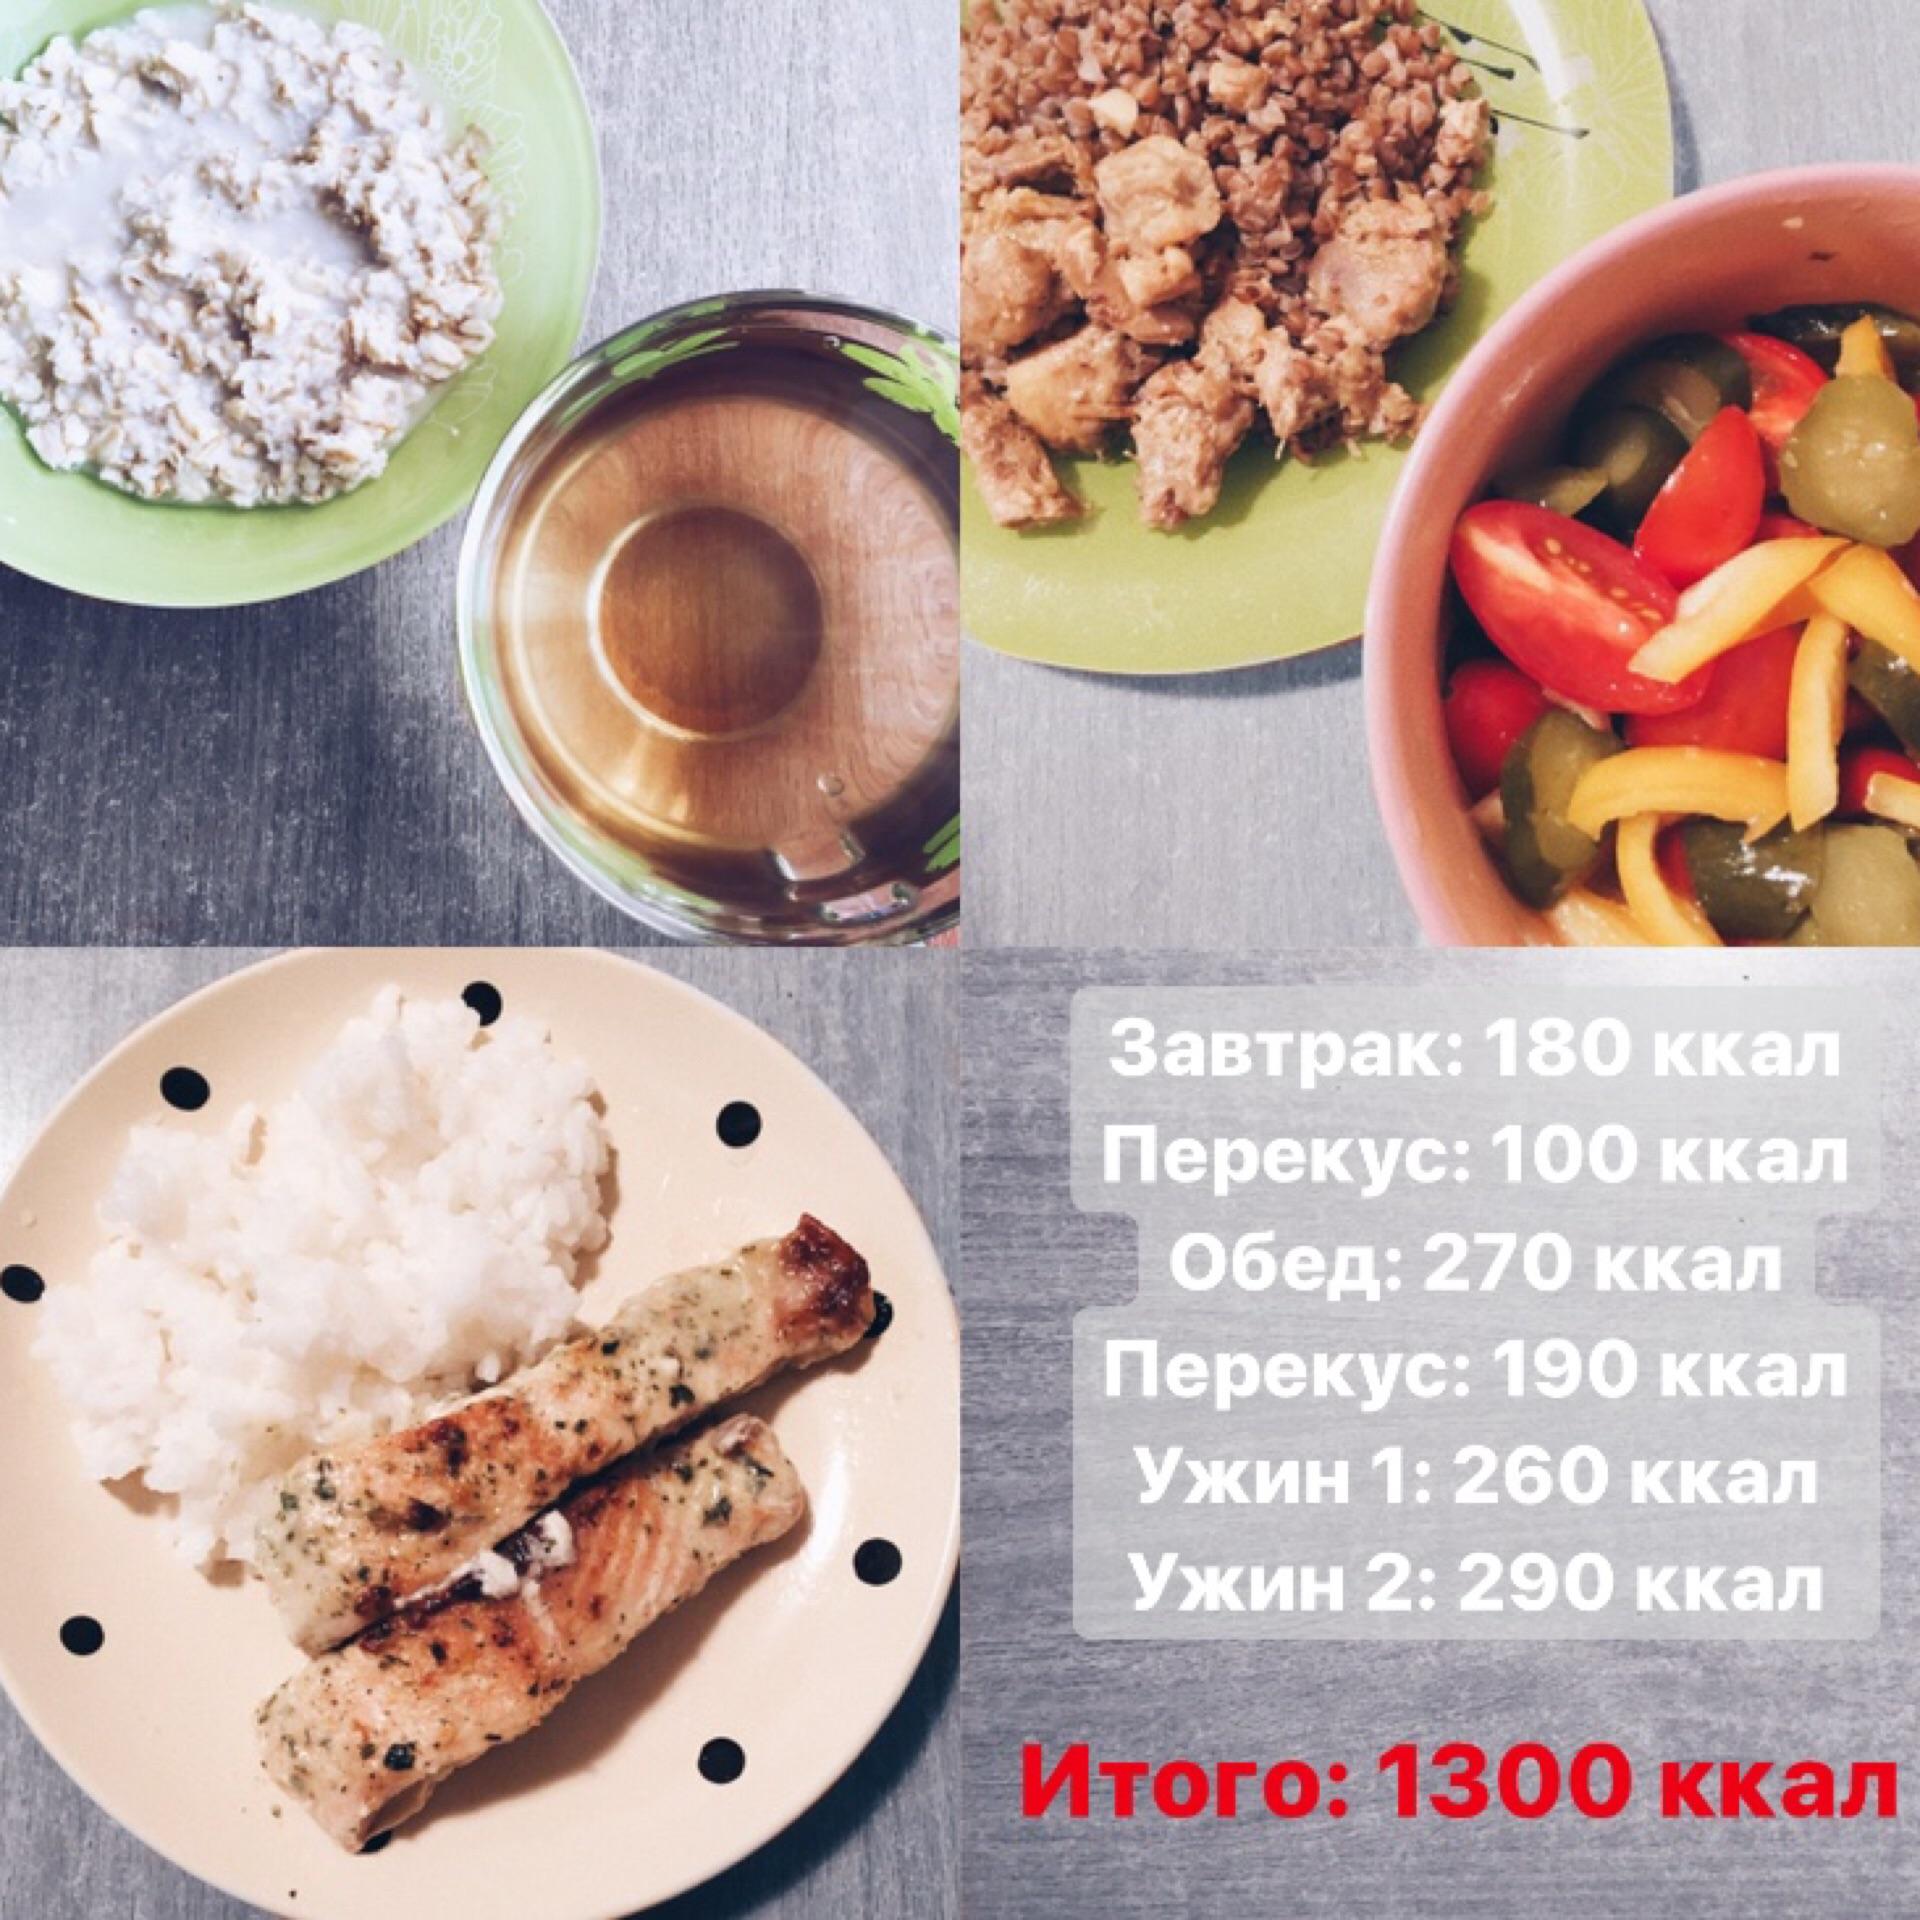 для перекус на 100 калорий по: цене